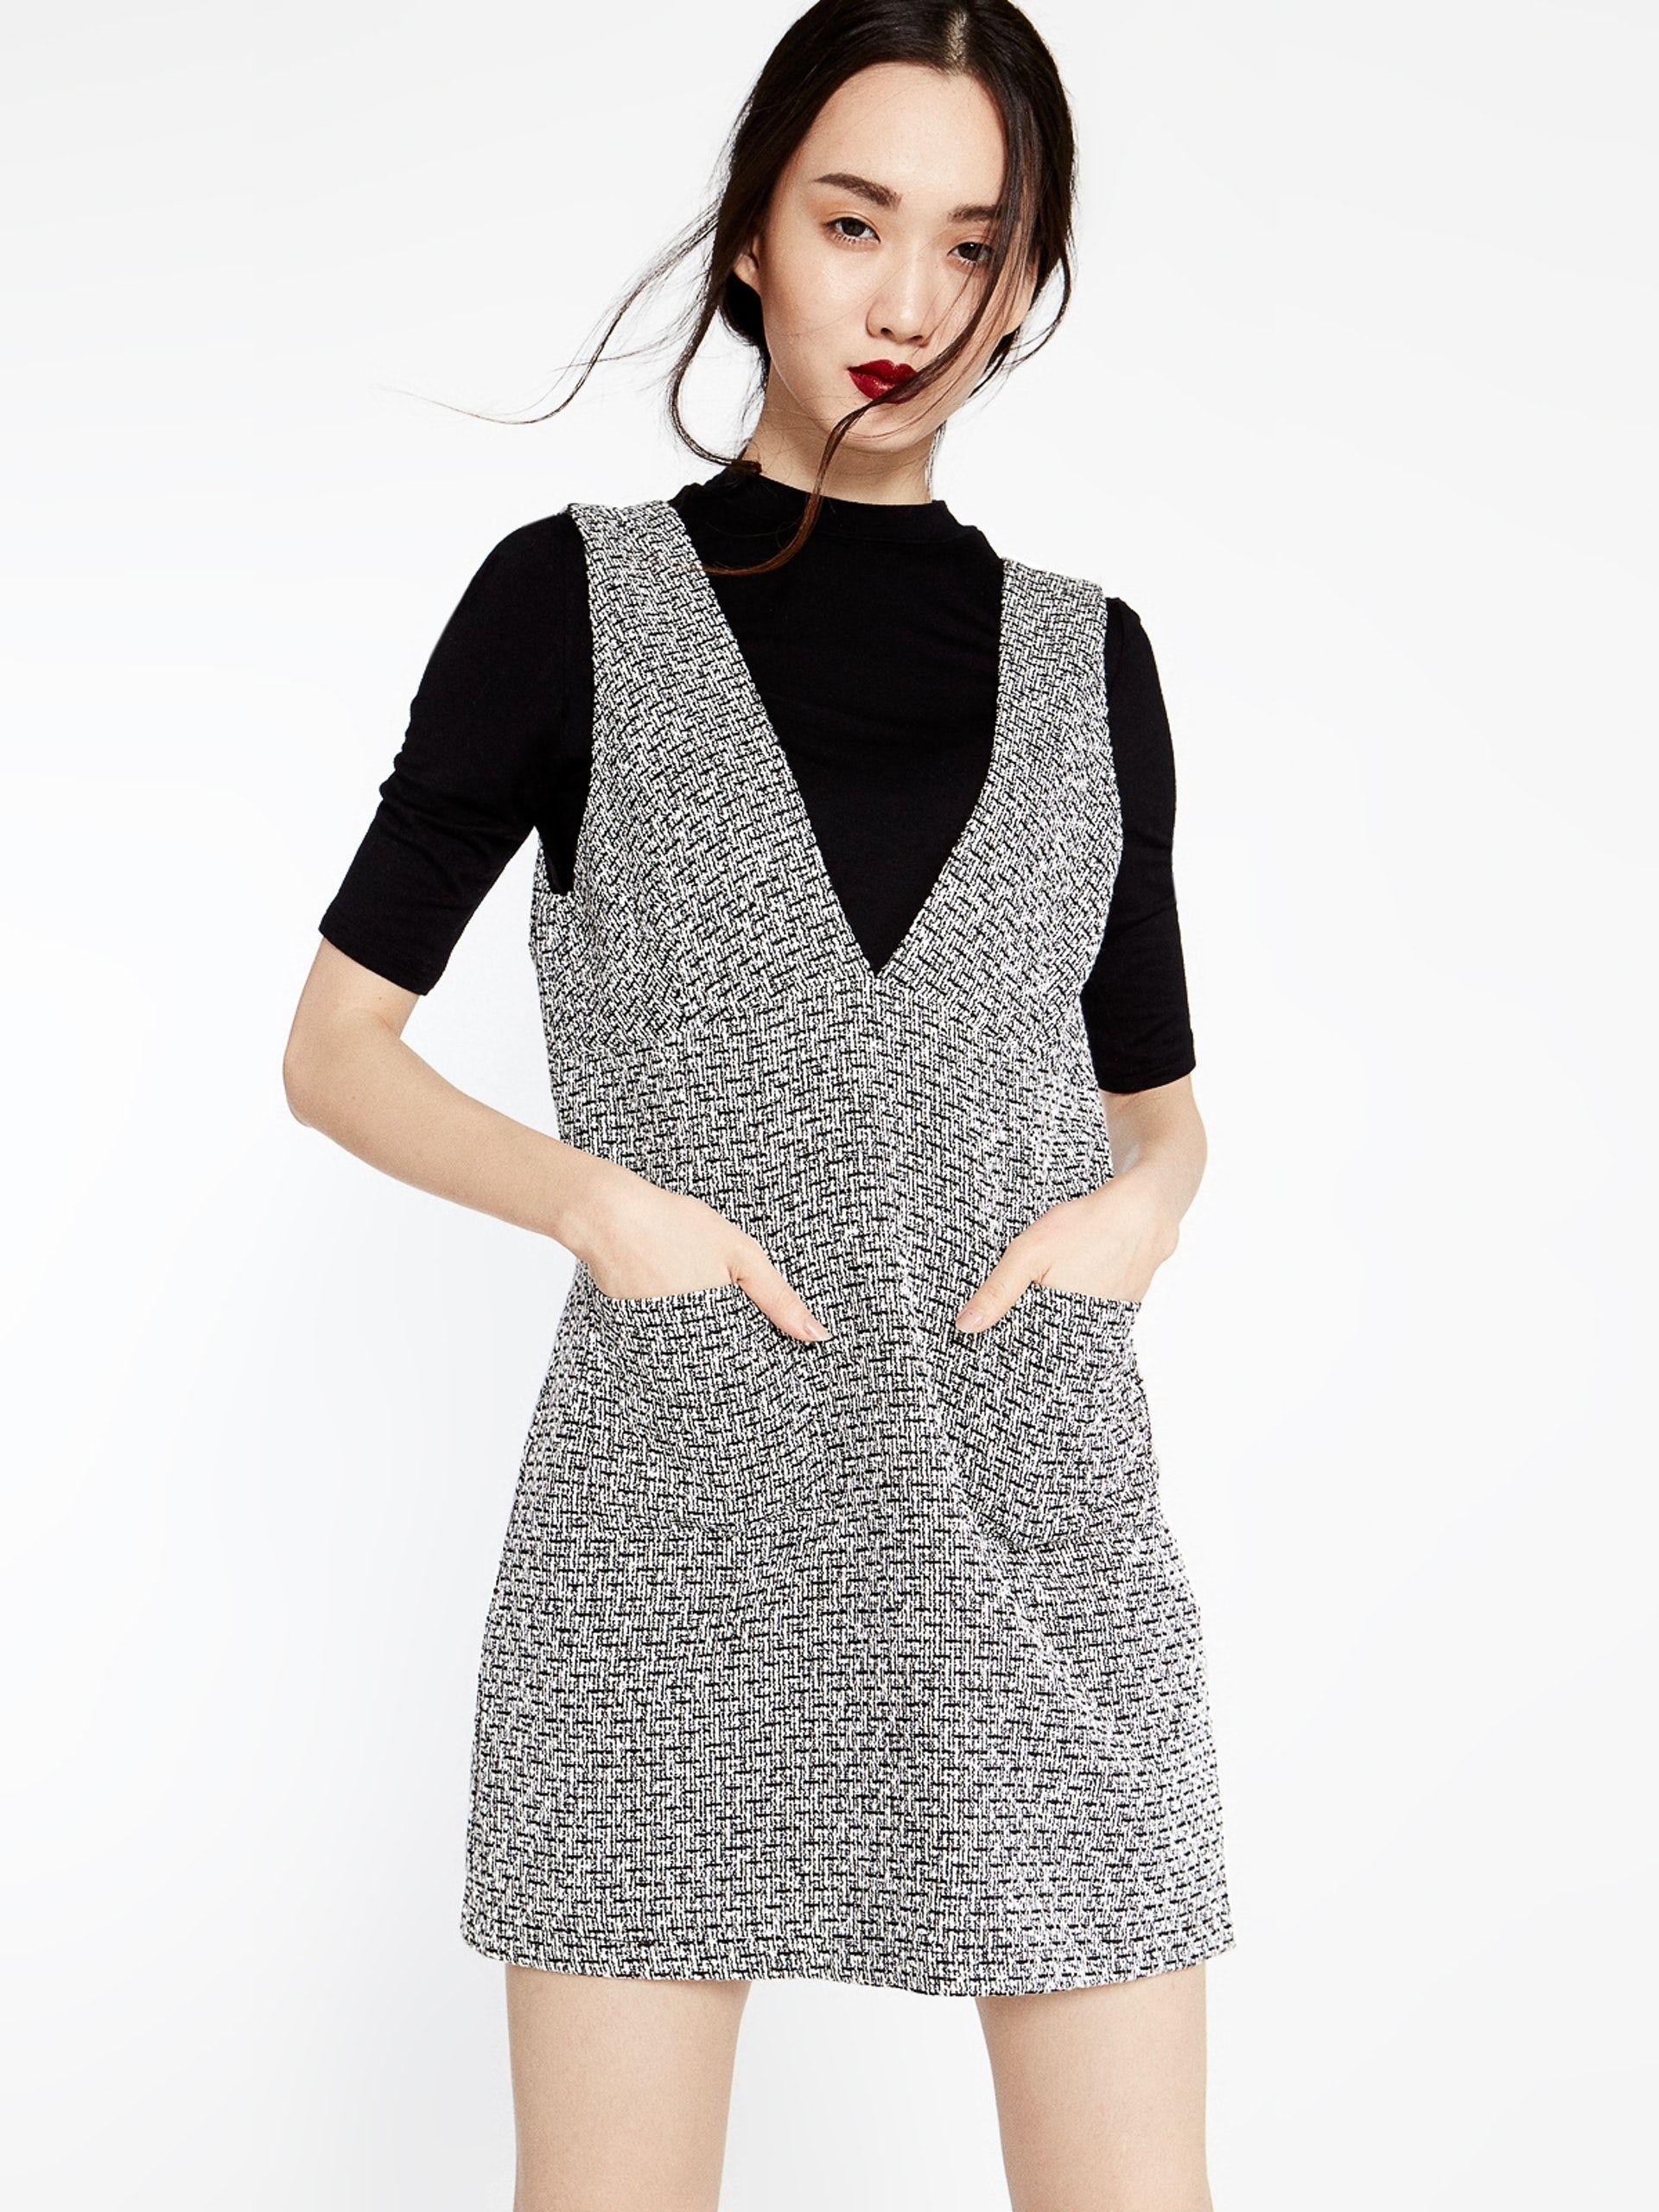 fb436c23a36 Karen Plunging Neck Tweed Dress - Pomelo